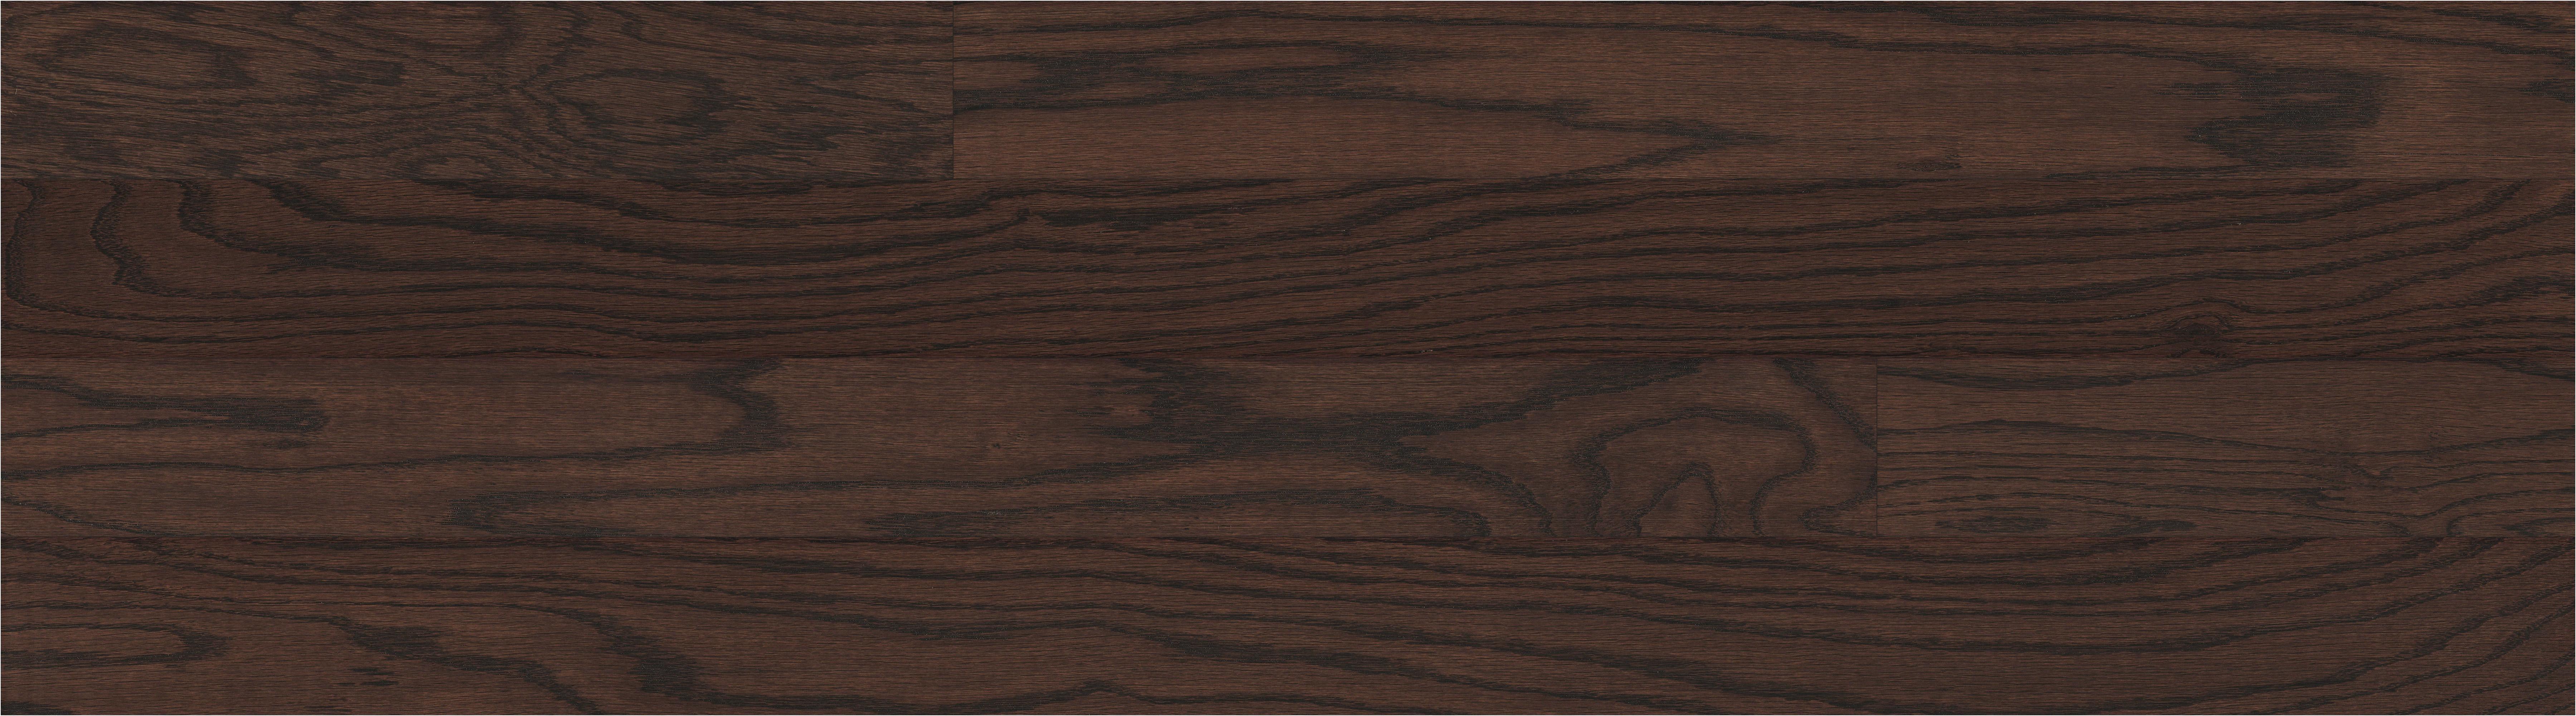 1 4 hardwood flooring of white oak engineered hardwood flooring lovely mullican ridgecrest for white oak engineered hardwood flooring lovely mullican ridgecrest oak burnt umber 1 2 thick 5quot